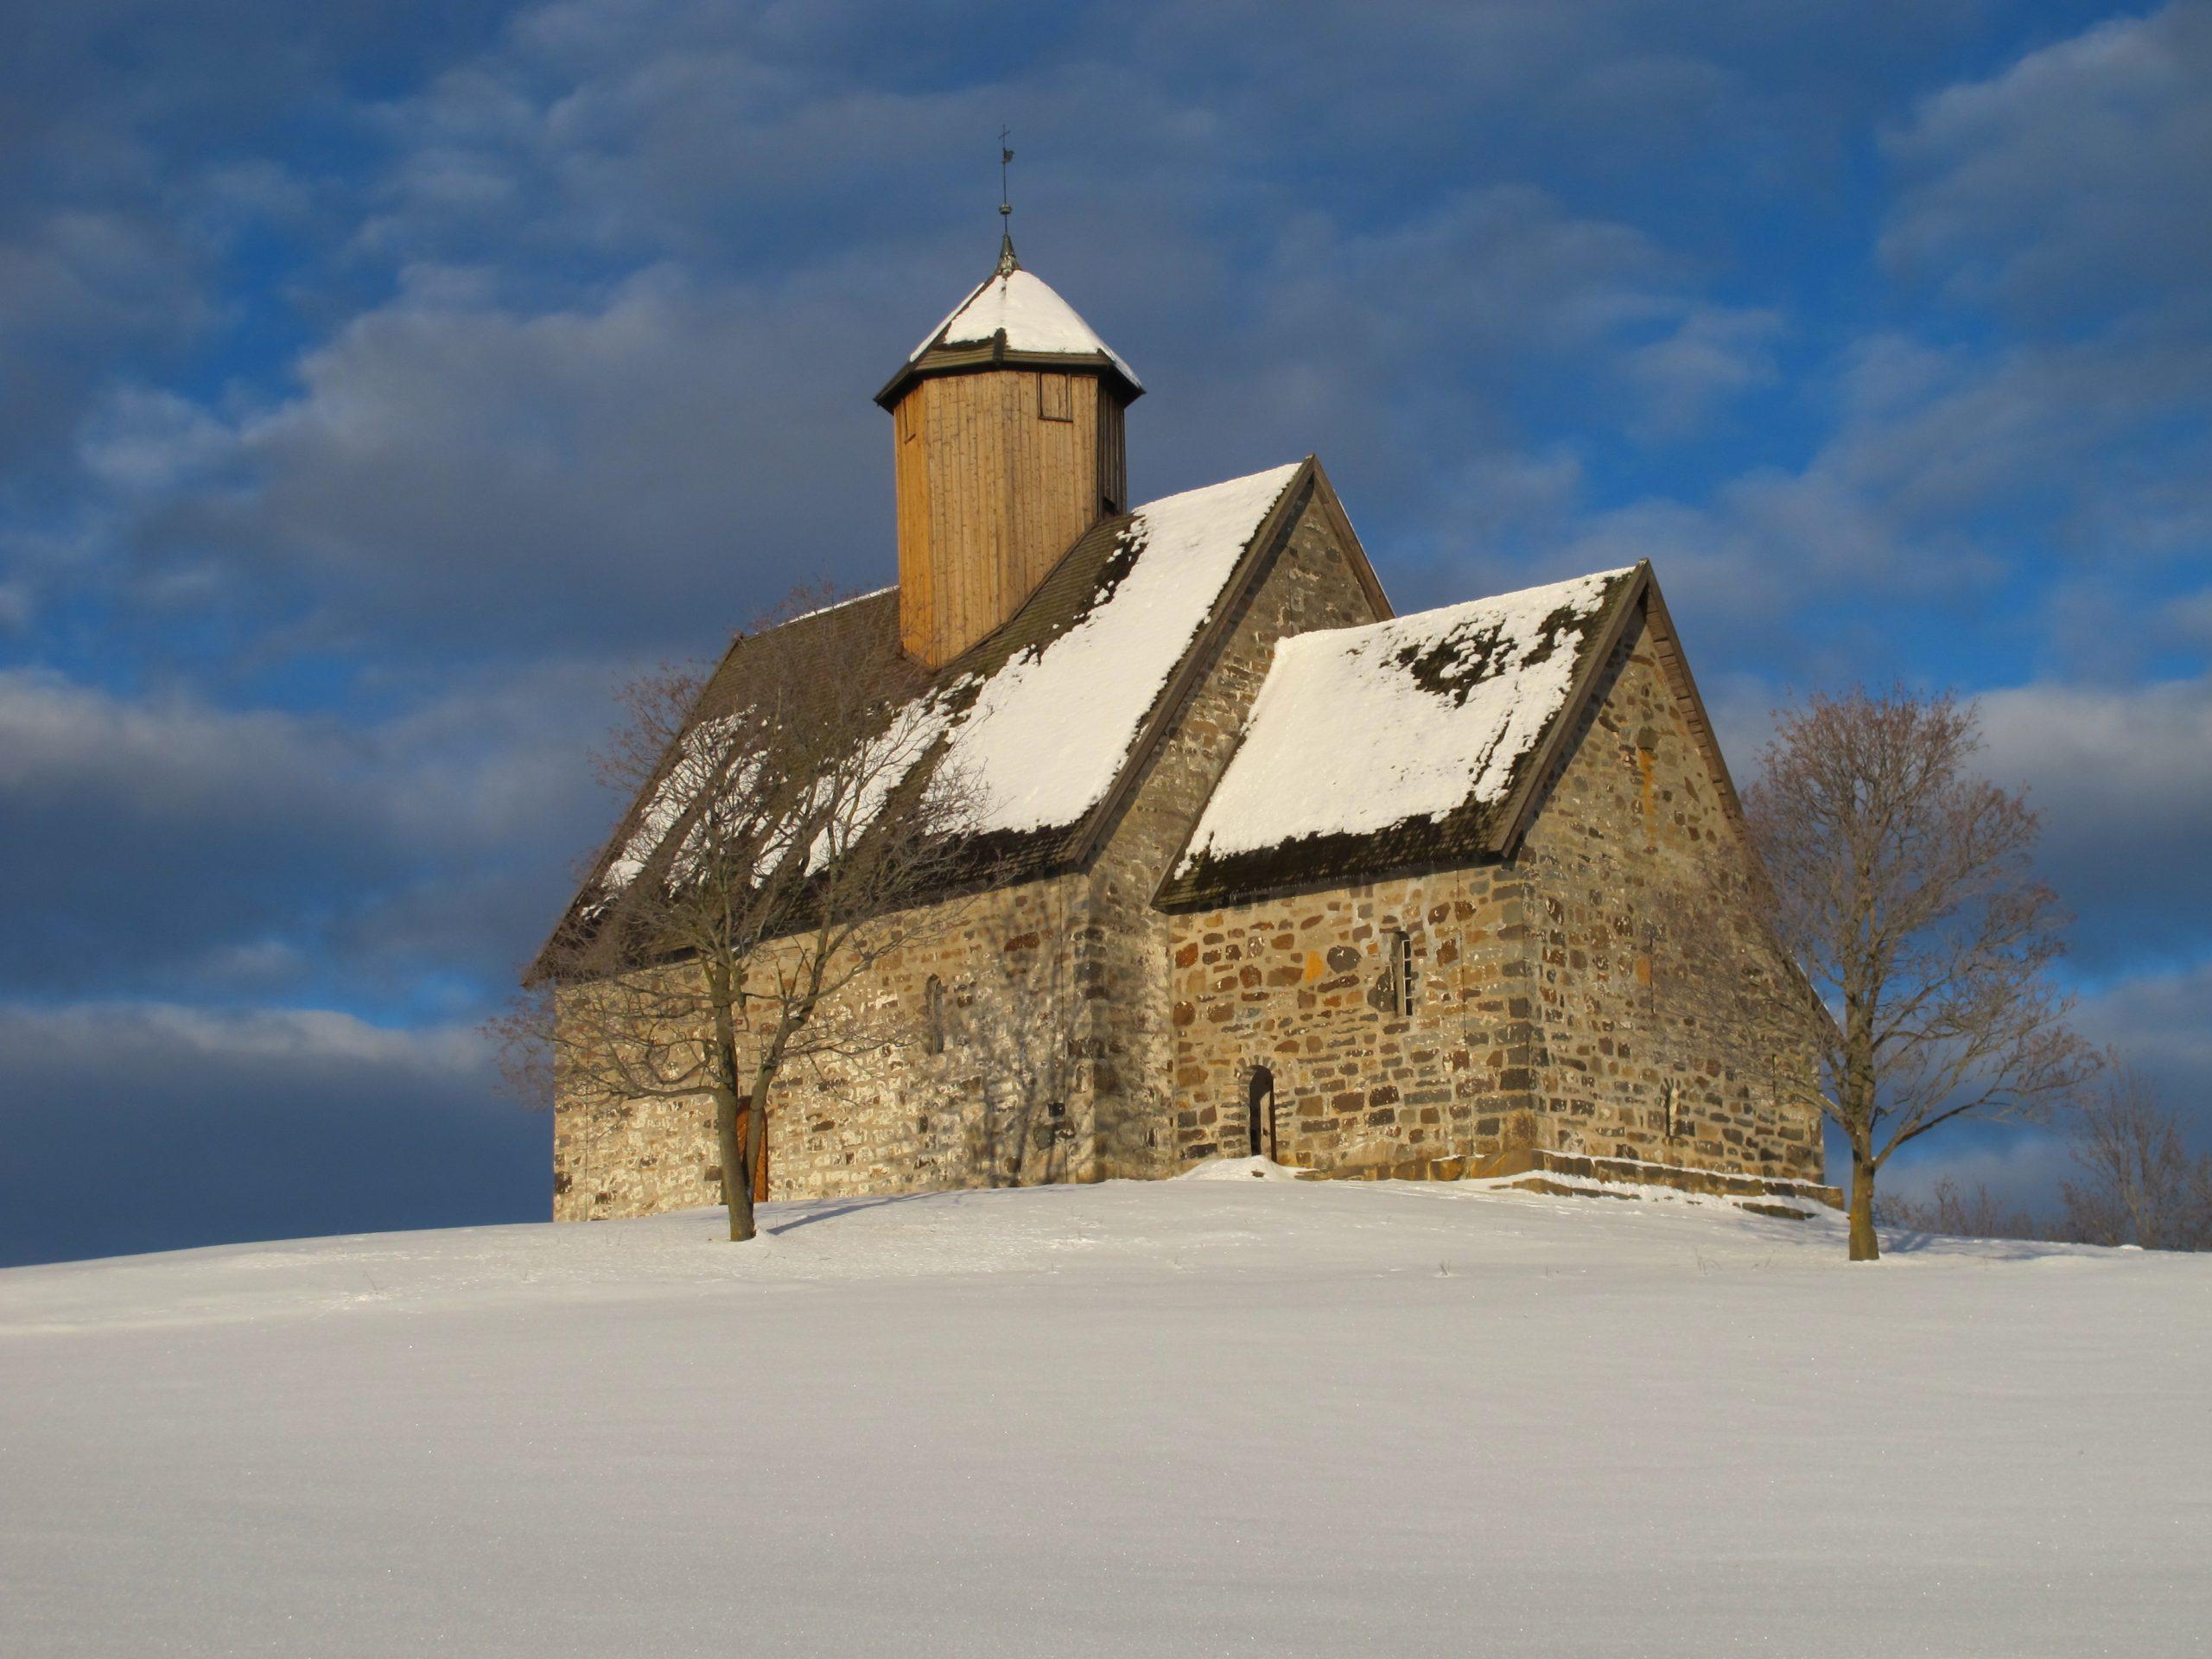 St. Petri kirke på Gran